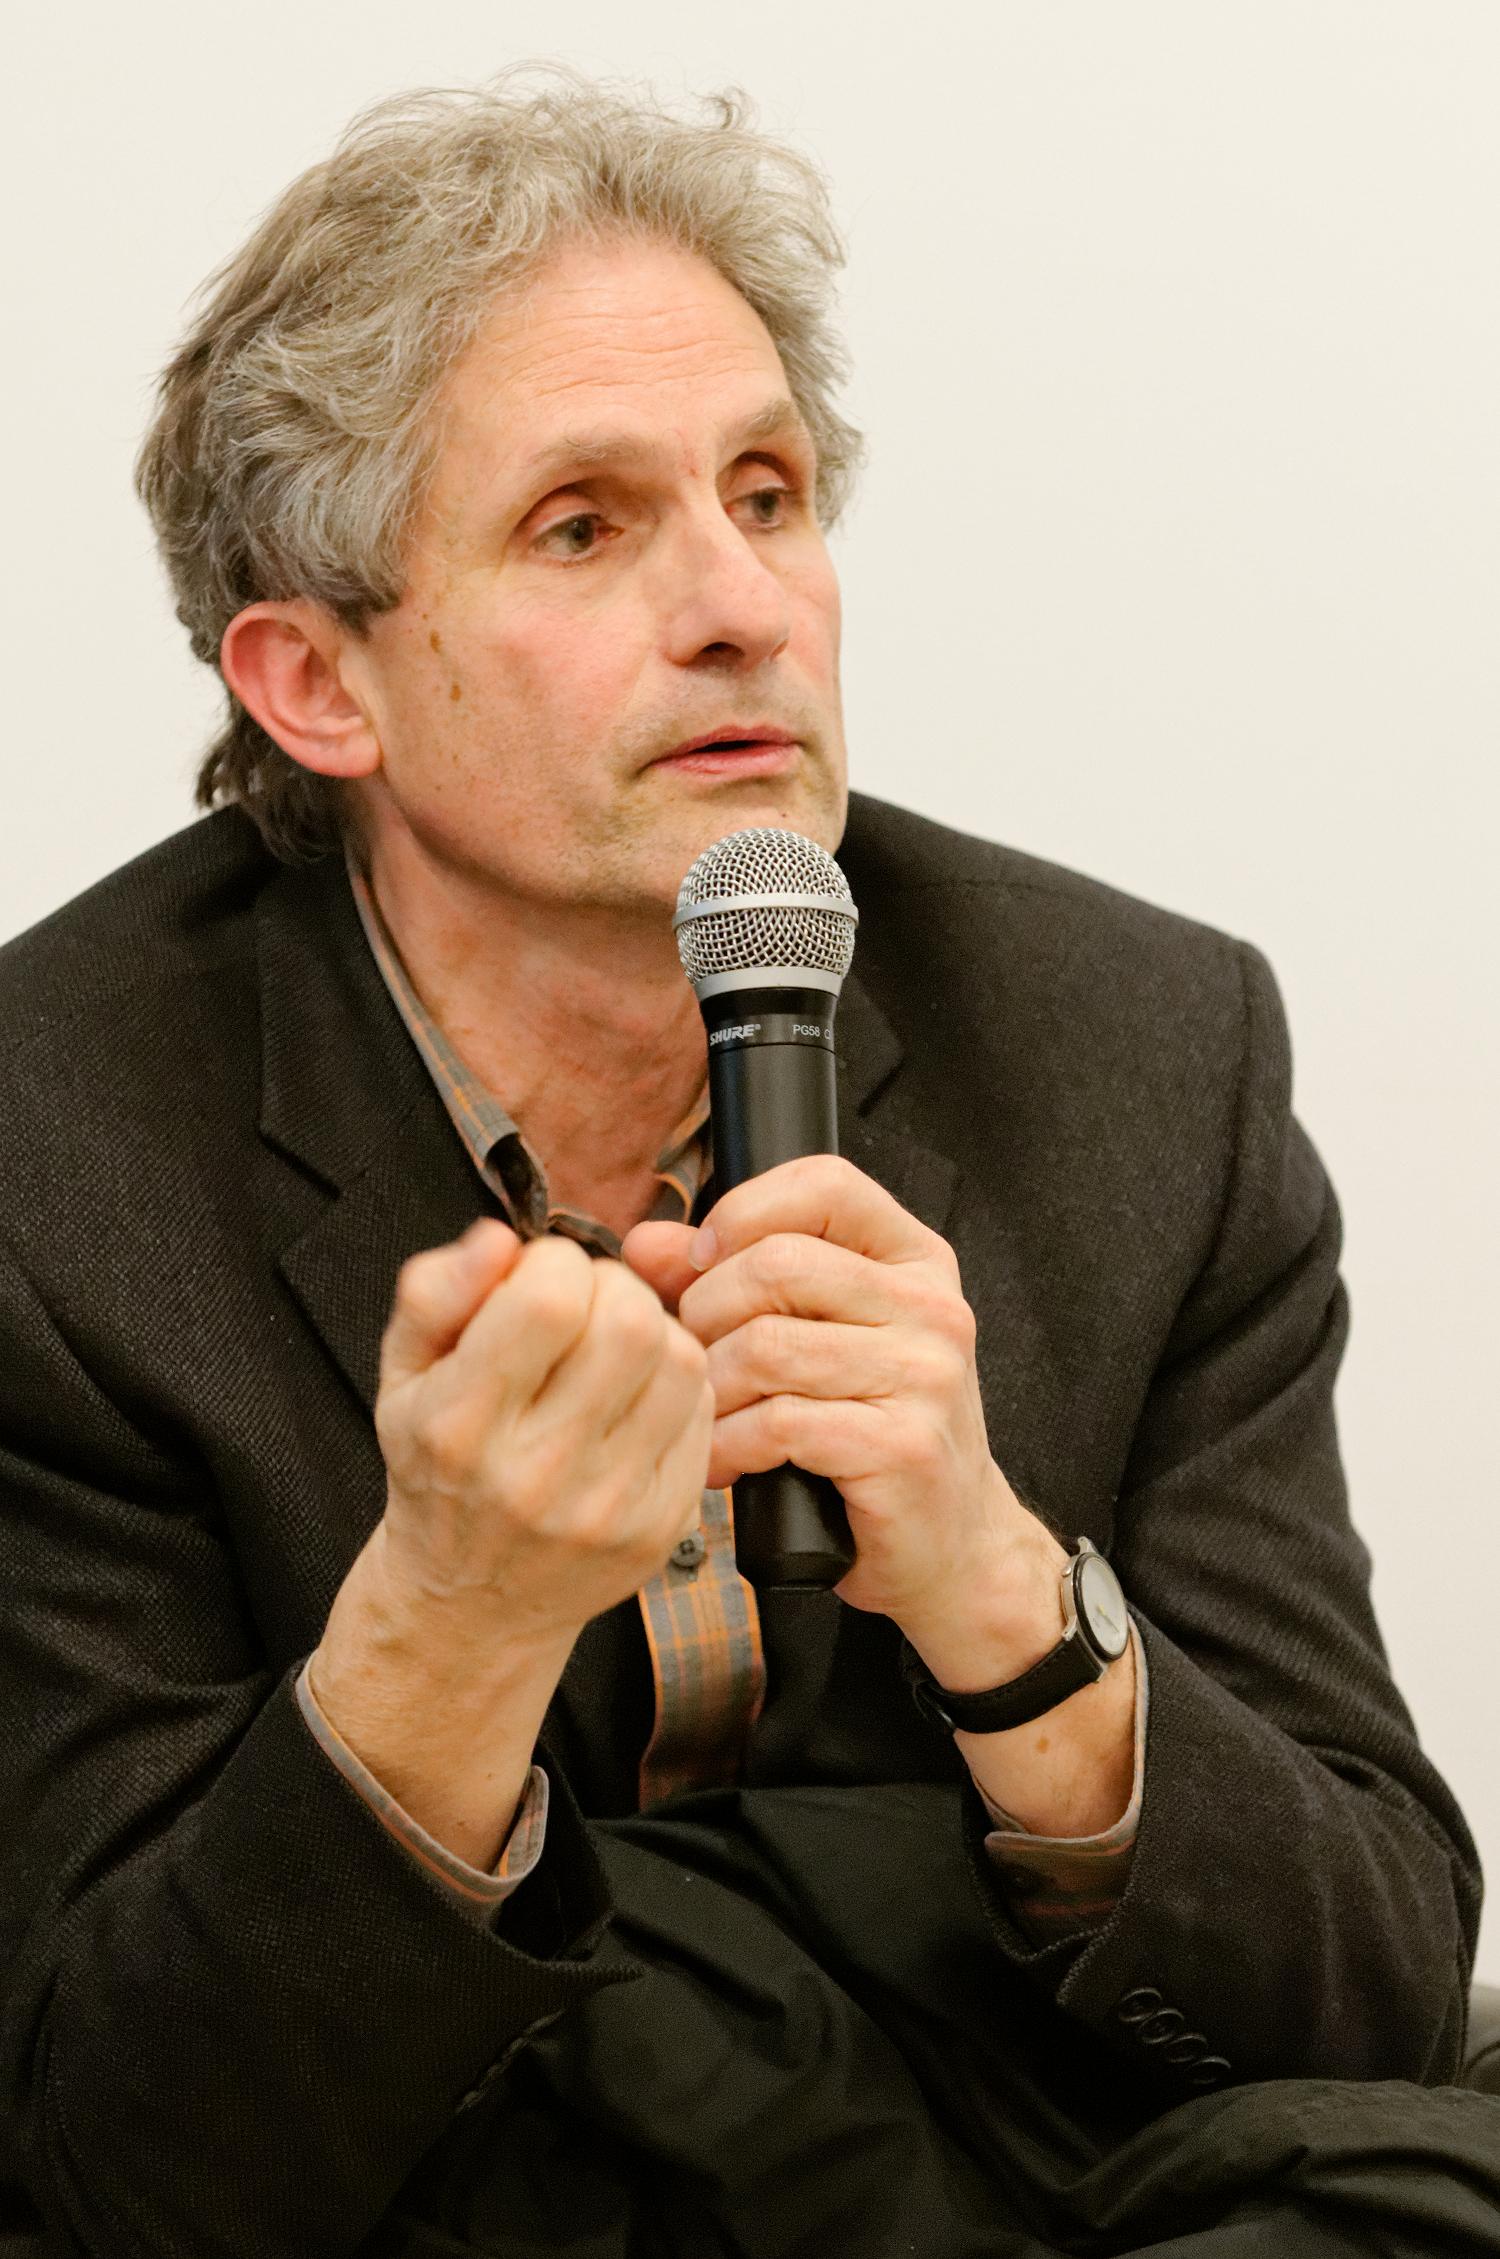 Conseiller d'Etat aux affaires numériques - Philippe Aigrain Philippe_Aigrain_-_Journ%C3%A9e_du_domaine_public_2012